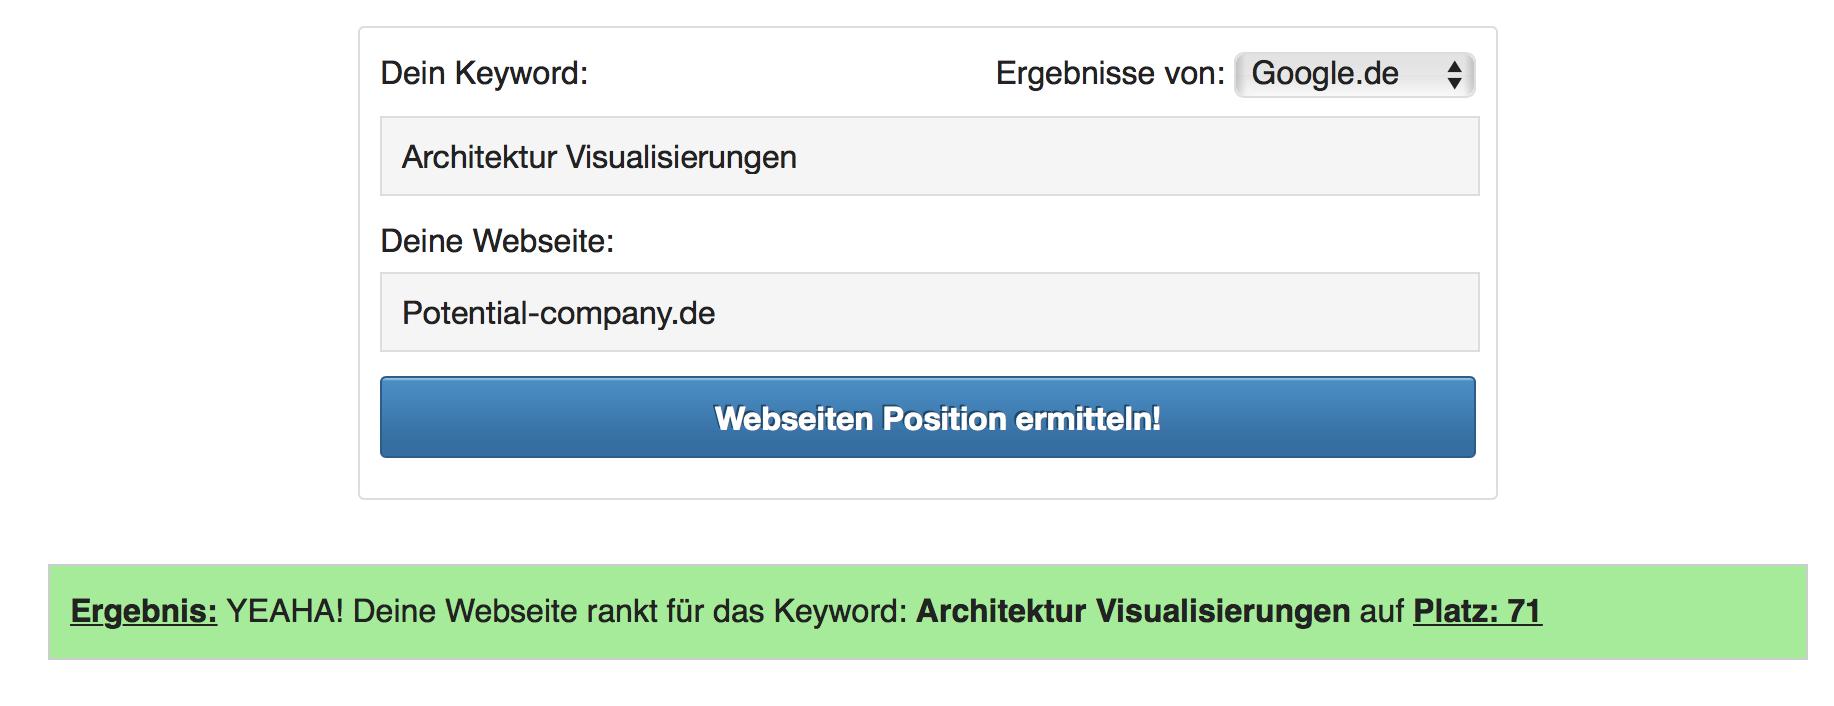 Architektur Visualisierung Ranking 2